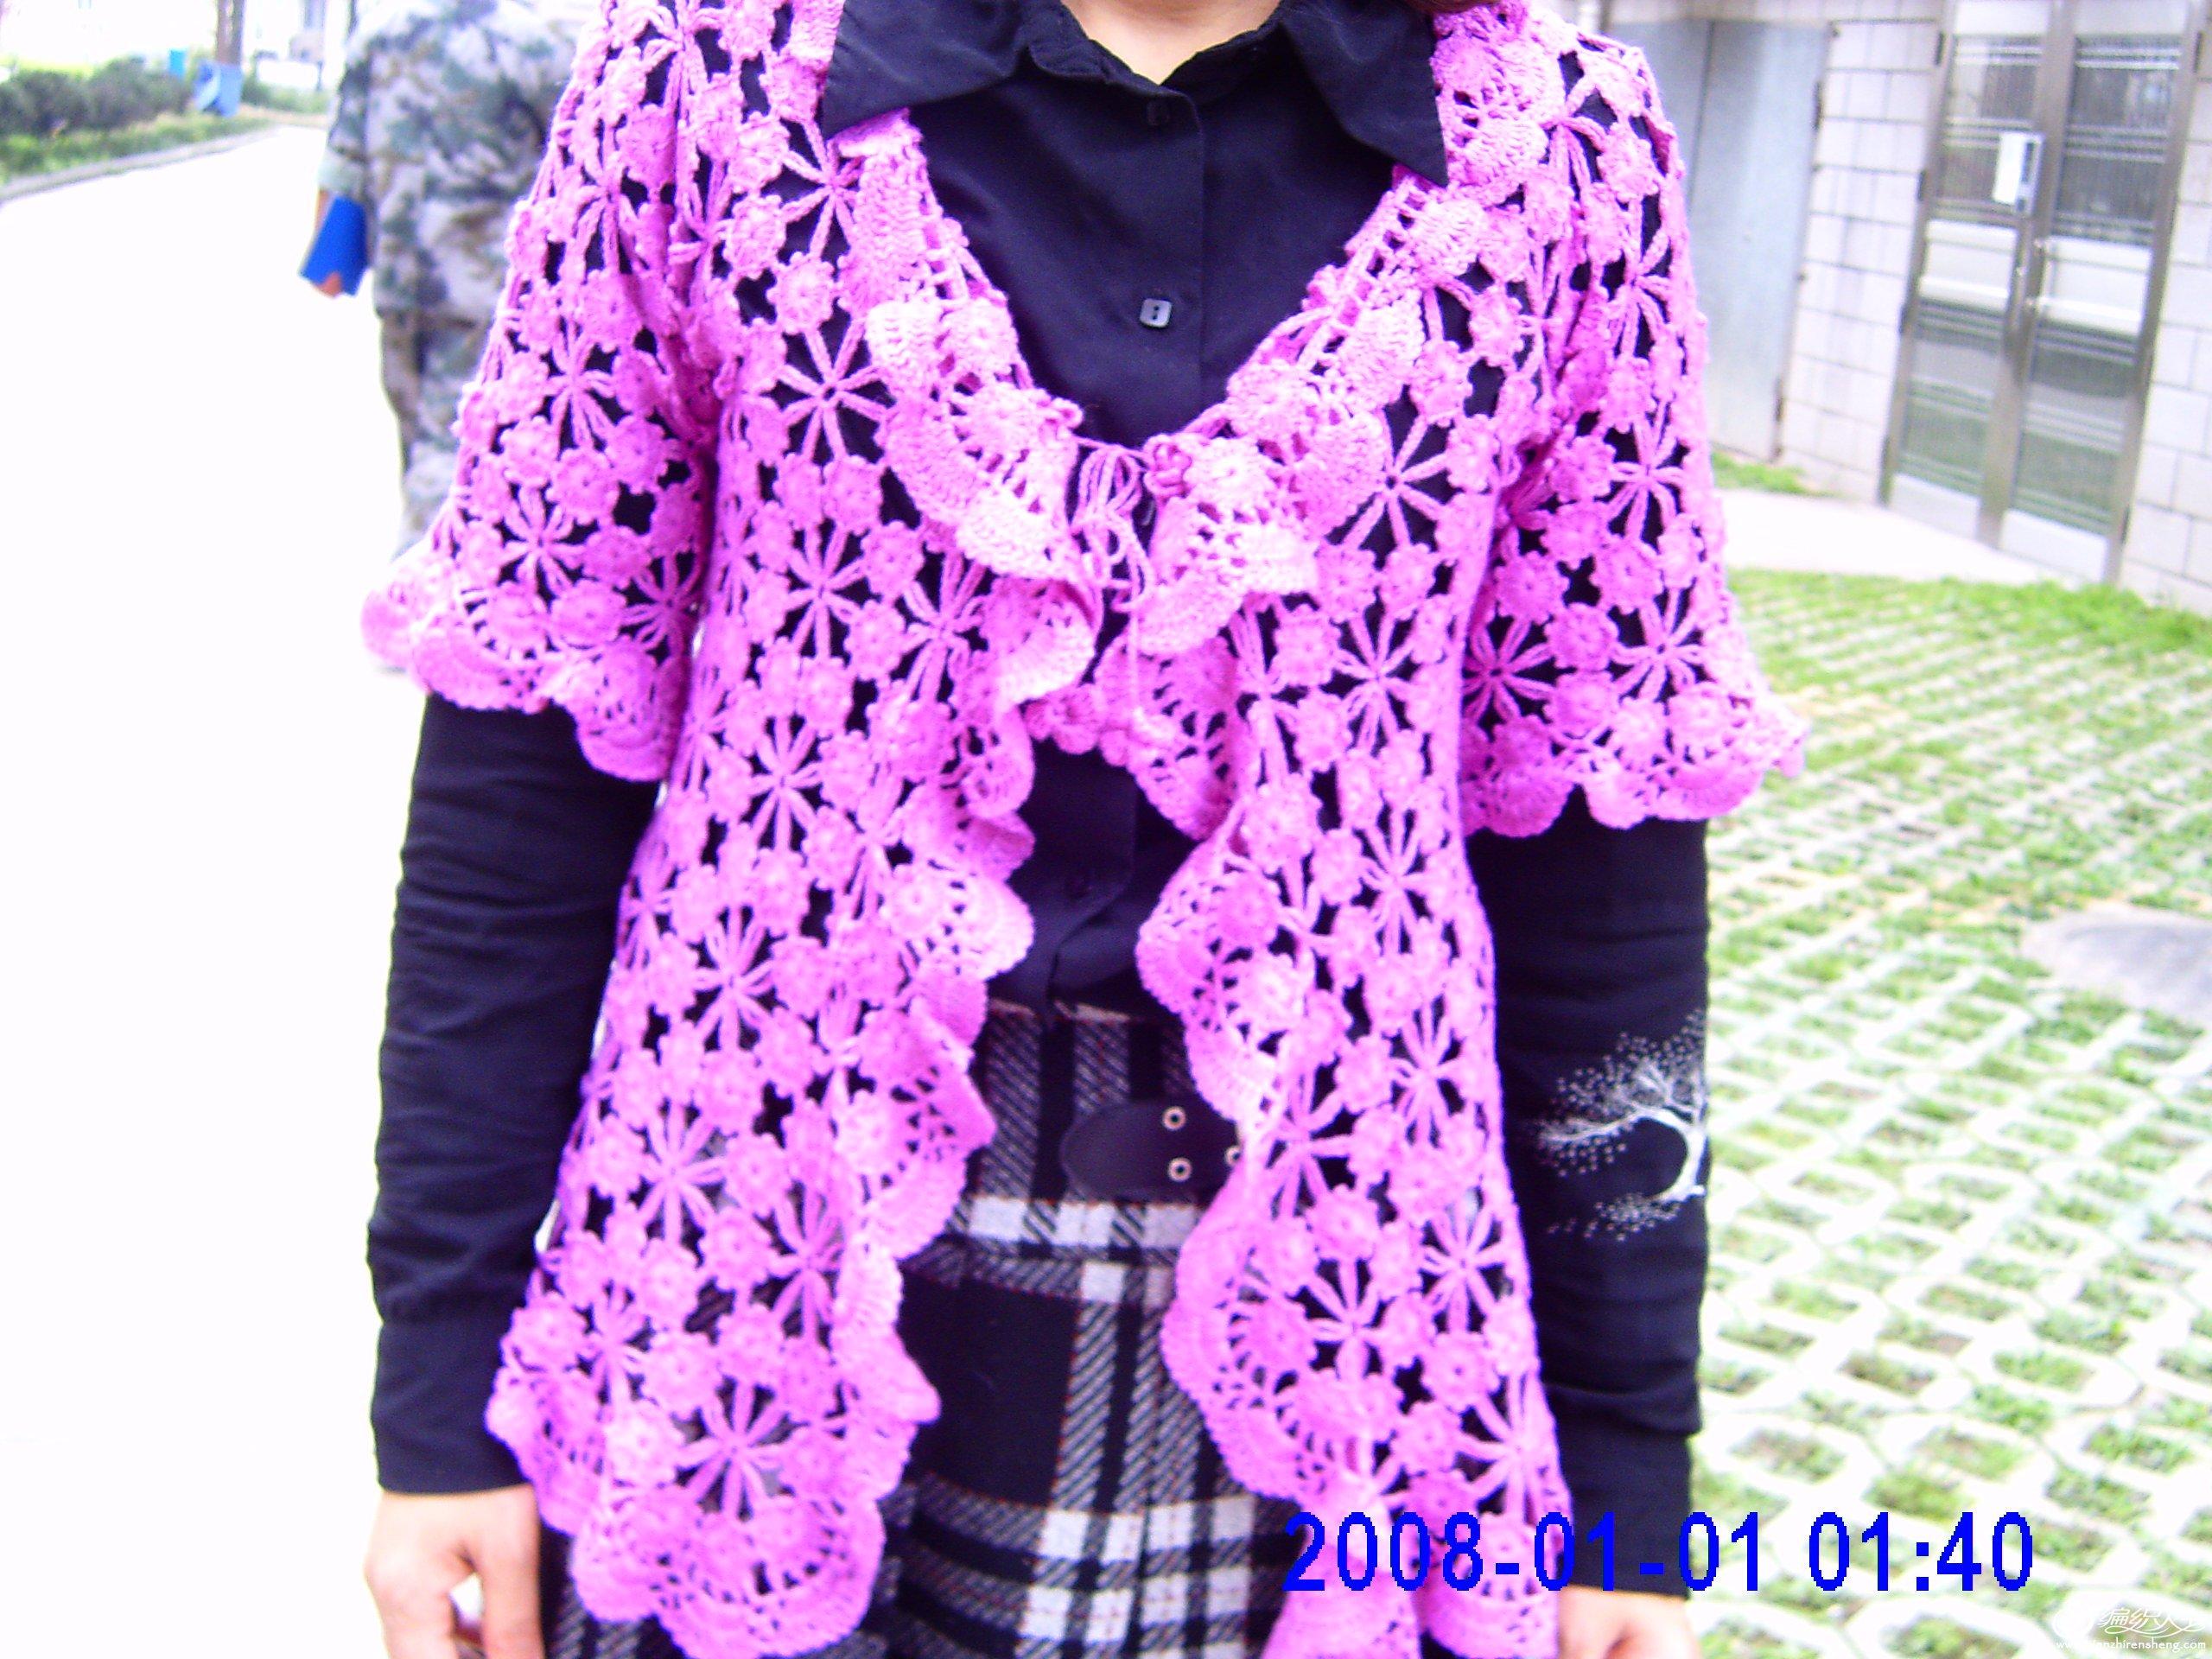 PICT0061.JPG